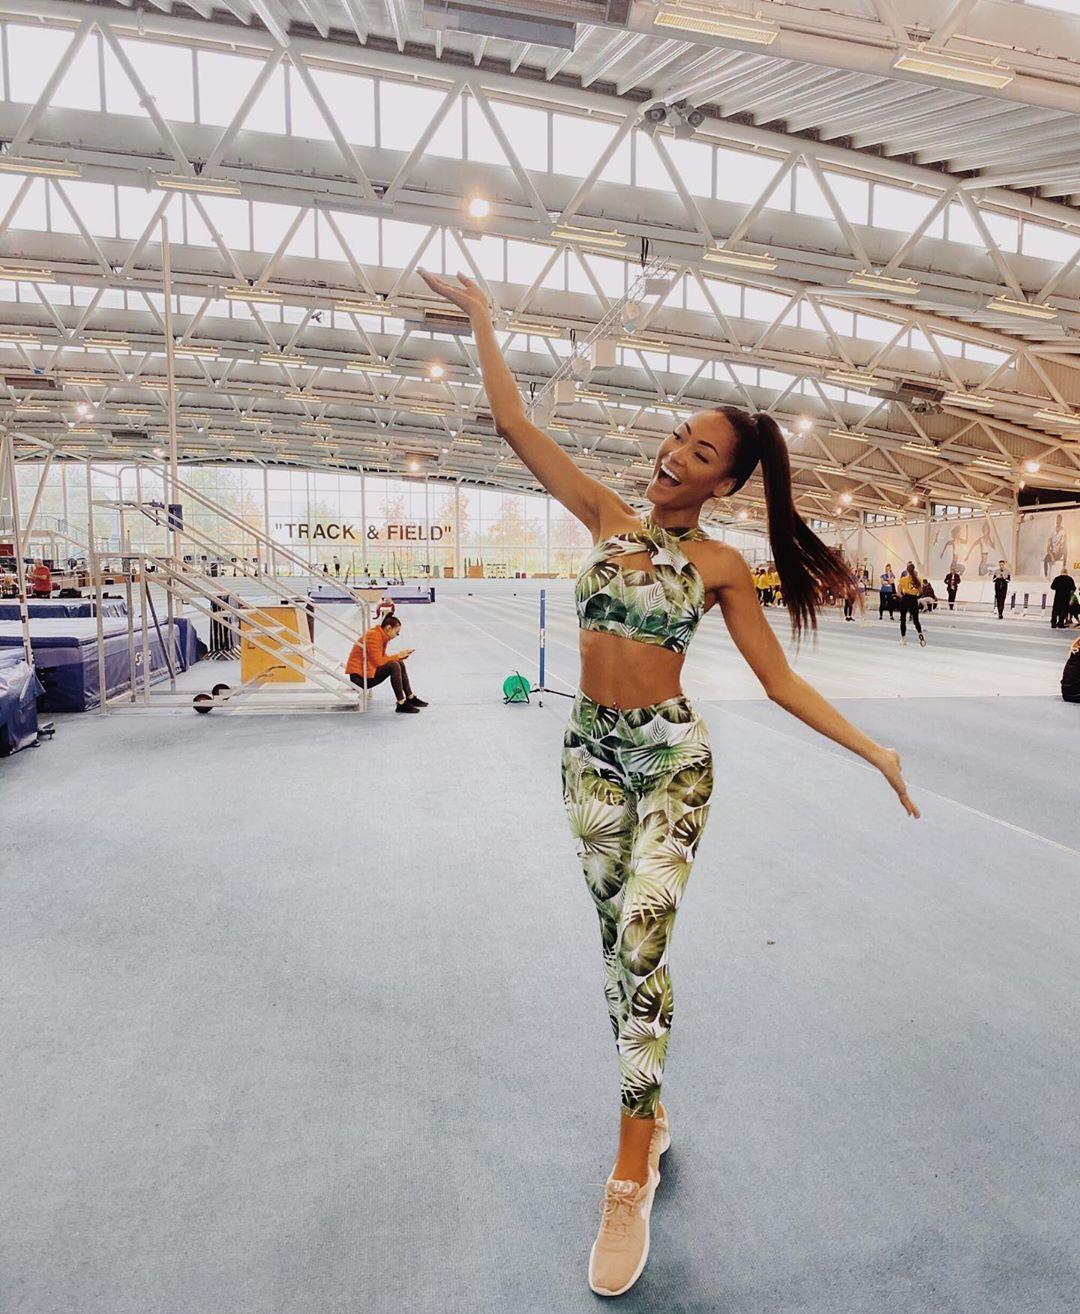 fast track miss sport de miss  world 2019. IuLbuw